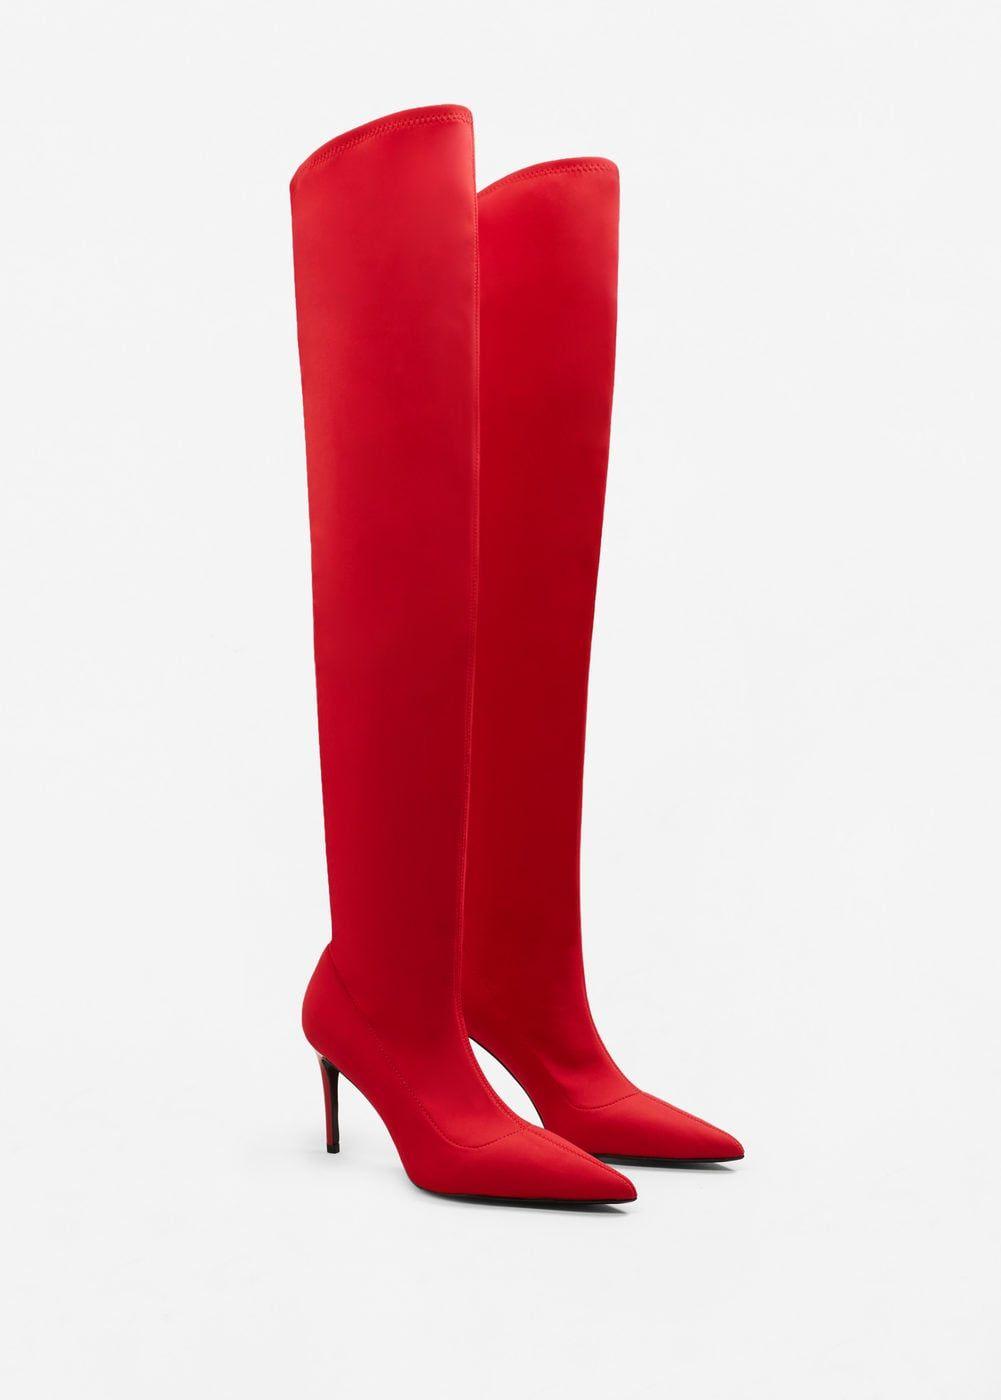 El Chic Bota Mujer Toque Xl Más Complementos De Tacón Zapatos x7w7UCaSq